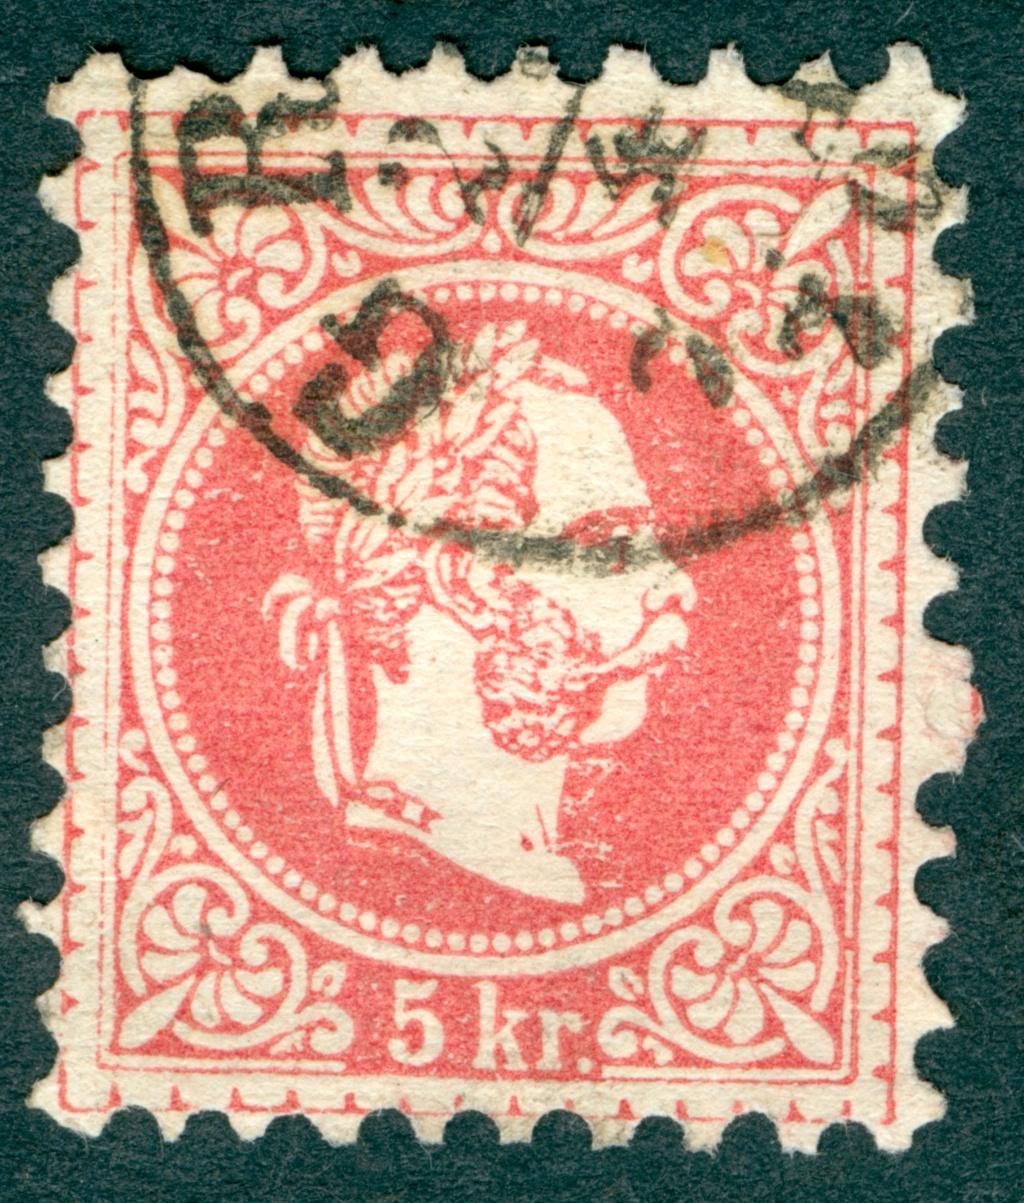 ungarn - Freimarken-Ausgabe 1867 : Kopfbildnis Kaiser Franz Joseph I - Seite 22 Ohre_111